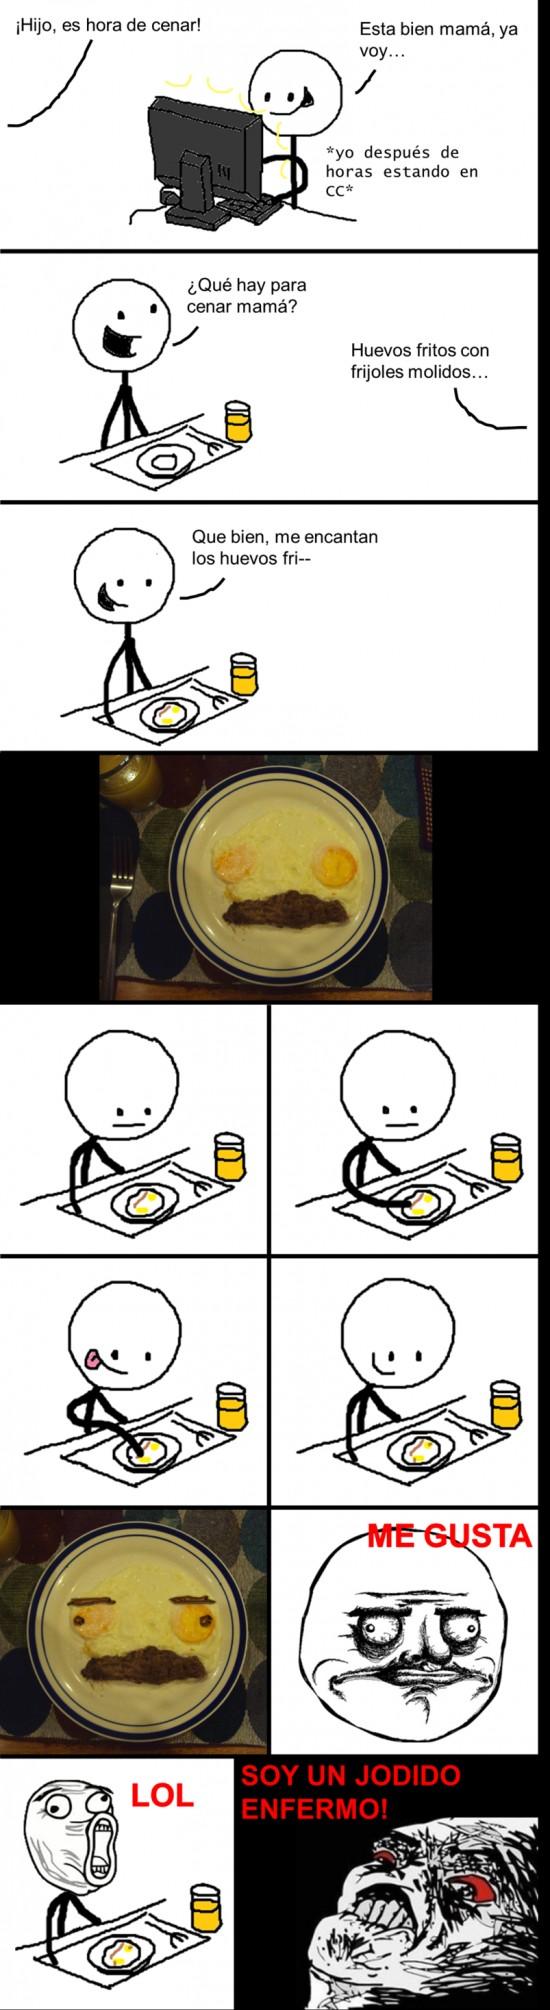 Me_gusta - Huevos me gusta